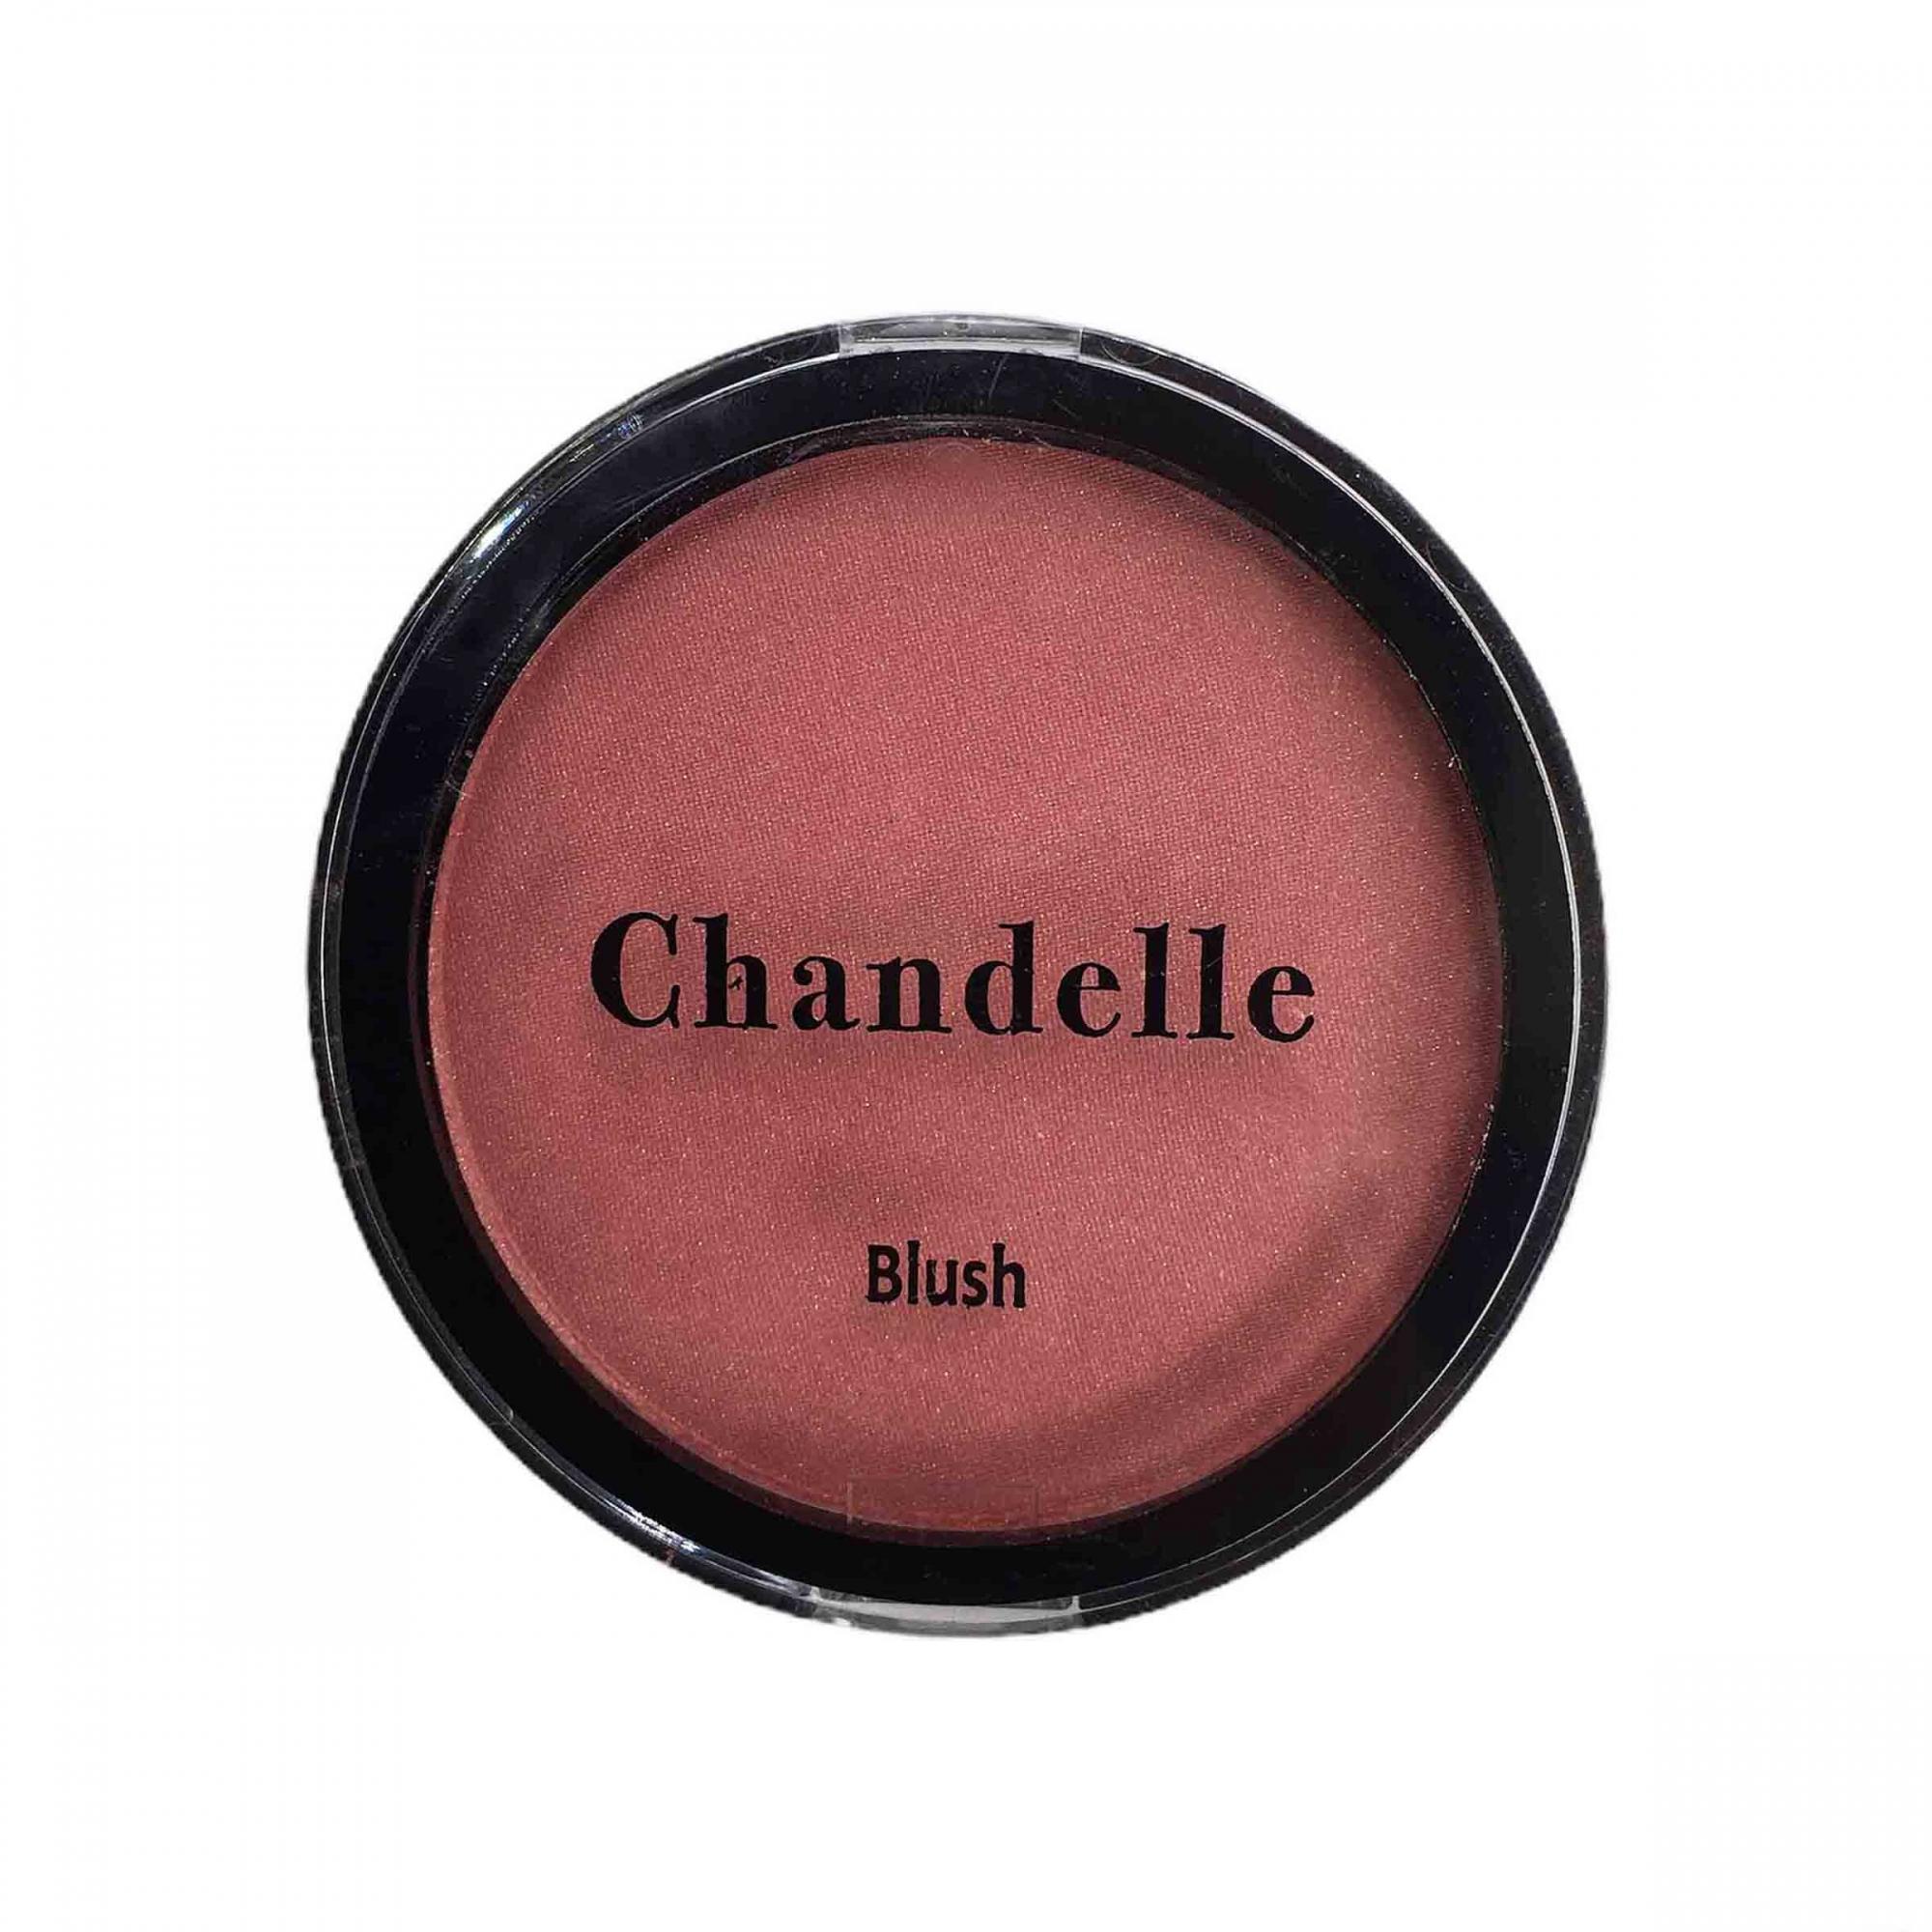 Chandelle BLUSH 03